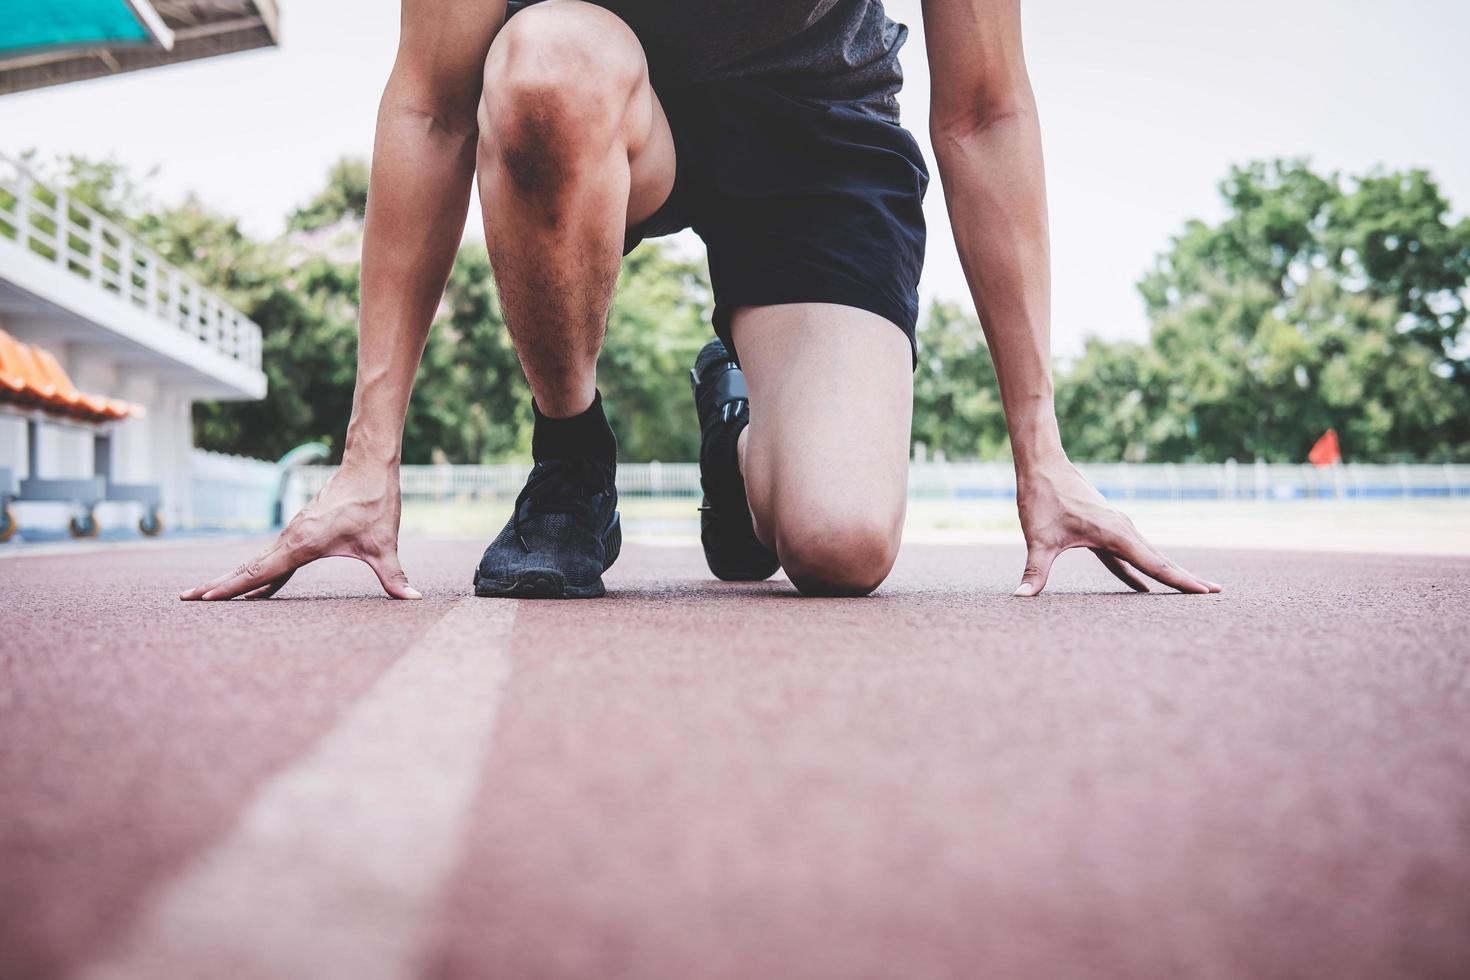 corriendo preparándose para correr en la pista de atletismo foto